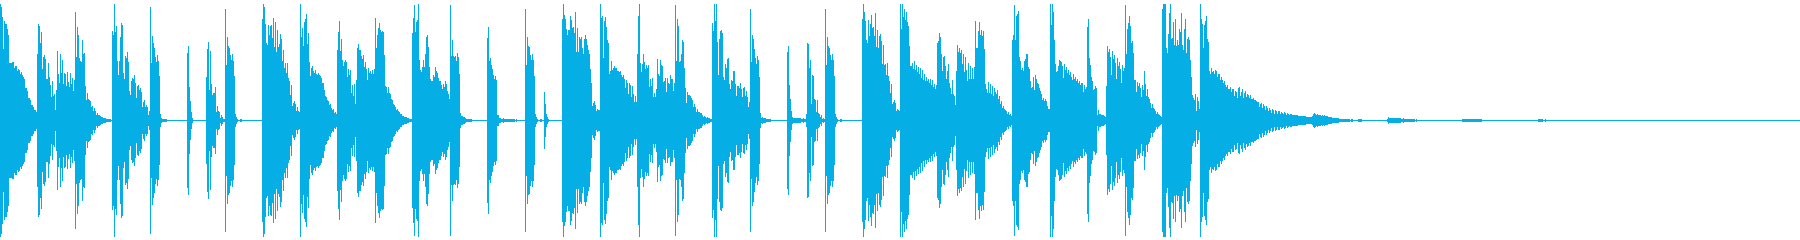 ファンキーなシンセベースによるジングルの再生済みの波形